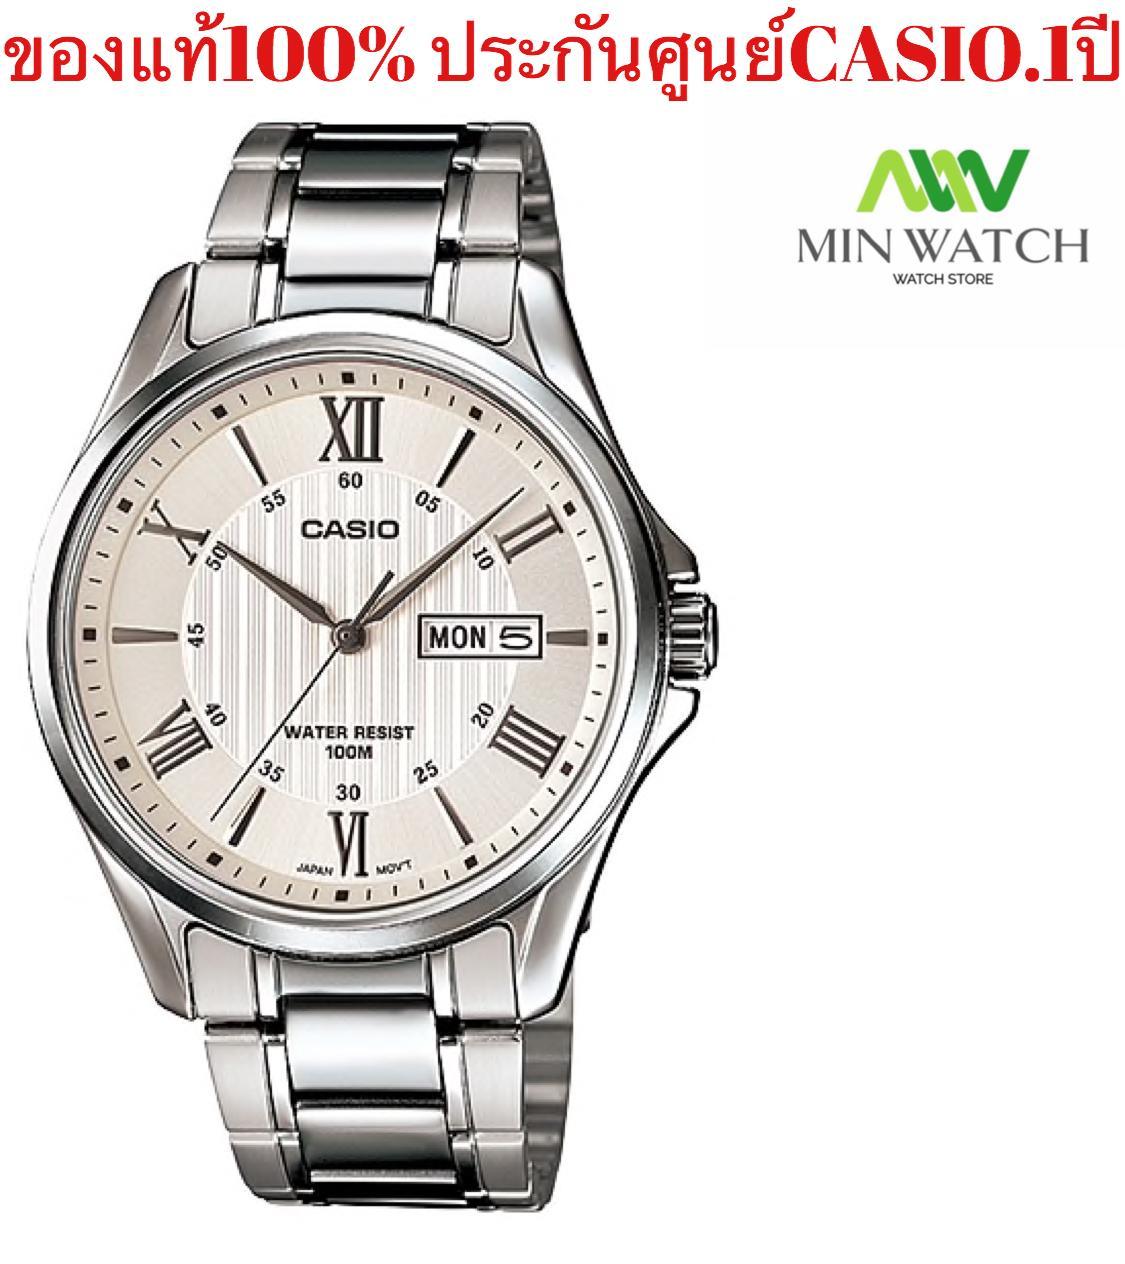 นาฬิกา รุ่น MTP-1384D นาฬิกา Casio Standard นาฬิกาข้อมือผู้ชาย สายสแตนเลส รุ่นMTP-1384D-7Aของแท้100% ประกันศูนย์casio1 ป